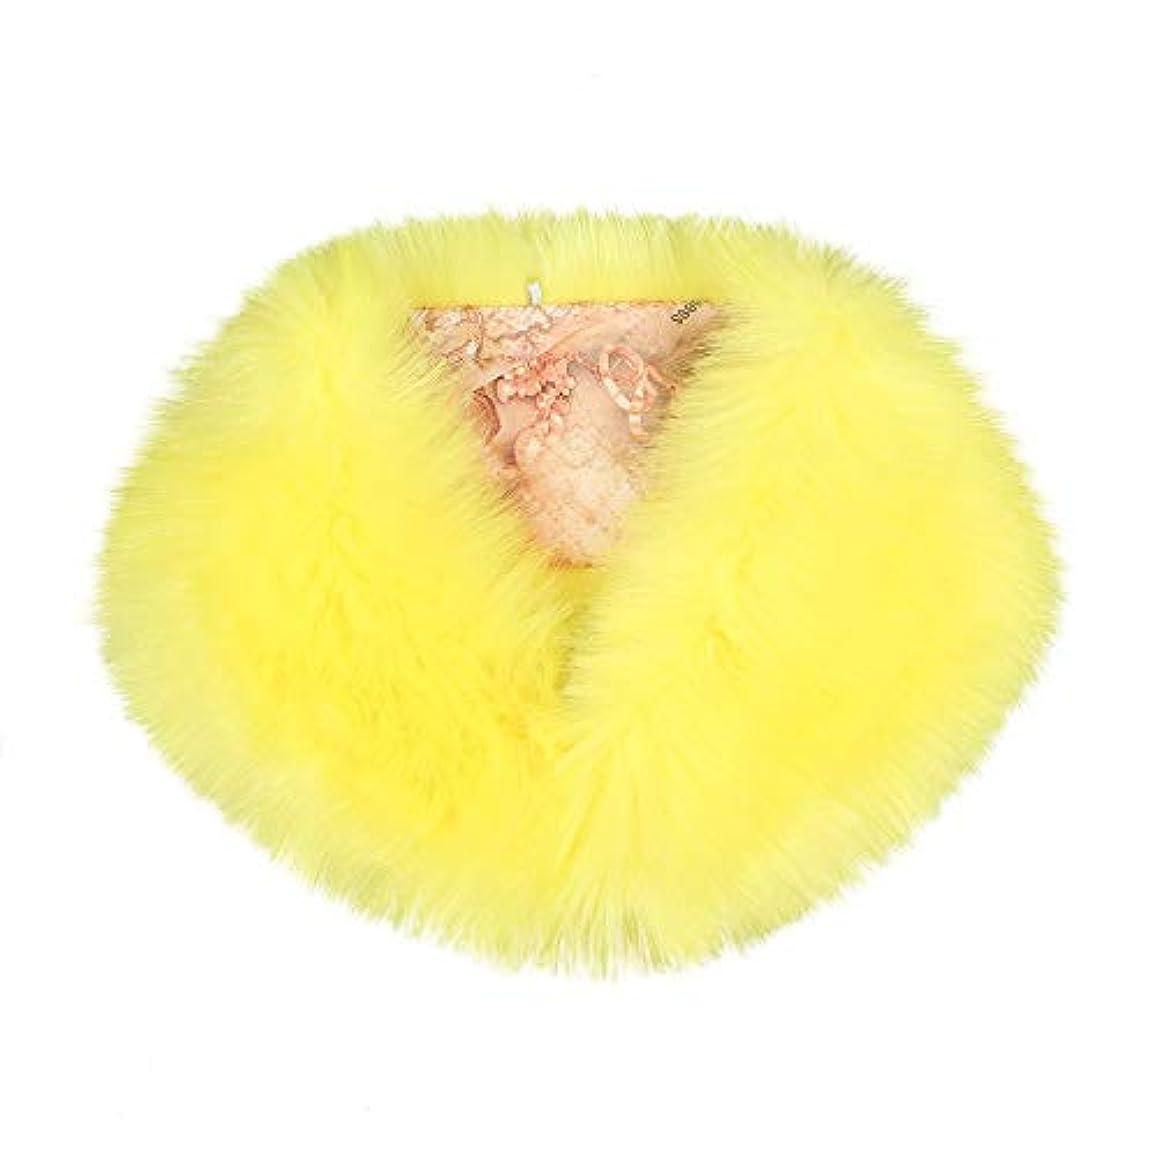 大工差し引くスキームDesspo 女性のスカーフファッション毛皮模倣の草のスカーフ女性のパターン大きなスクエア厚い冬の暖かいインフィニティスカーフ